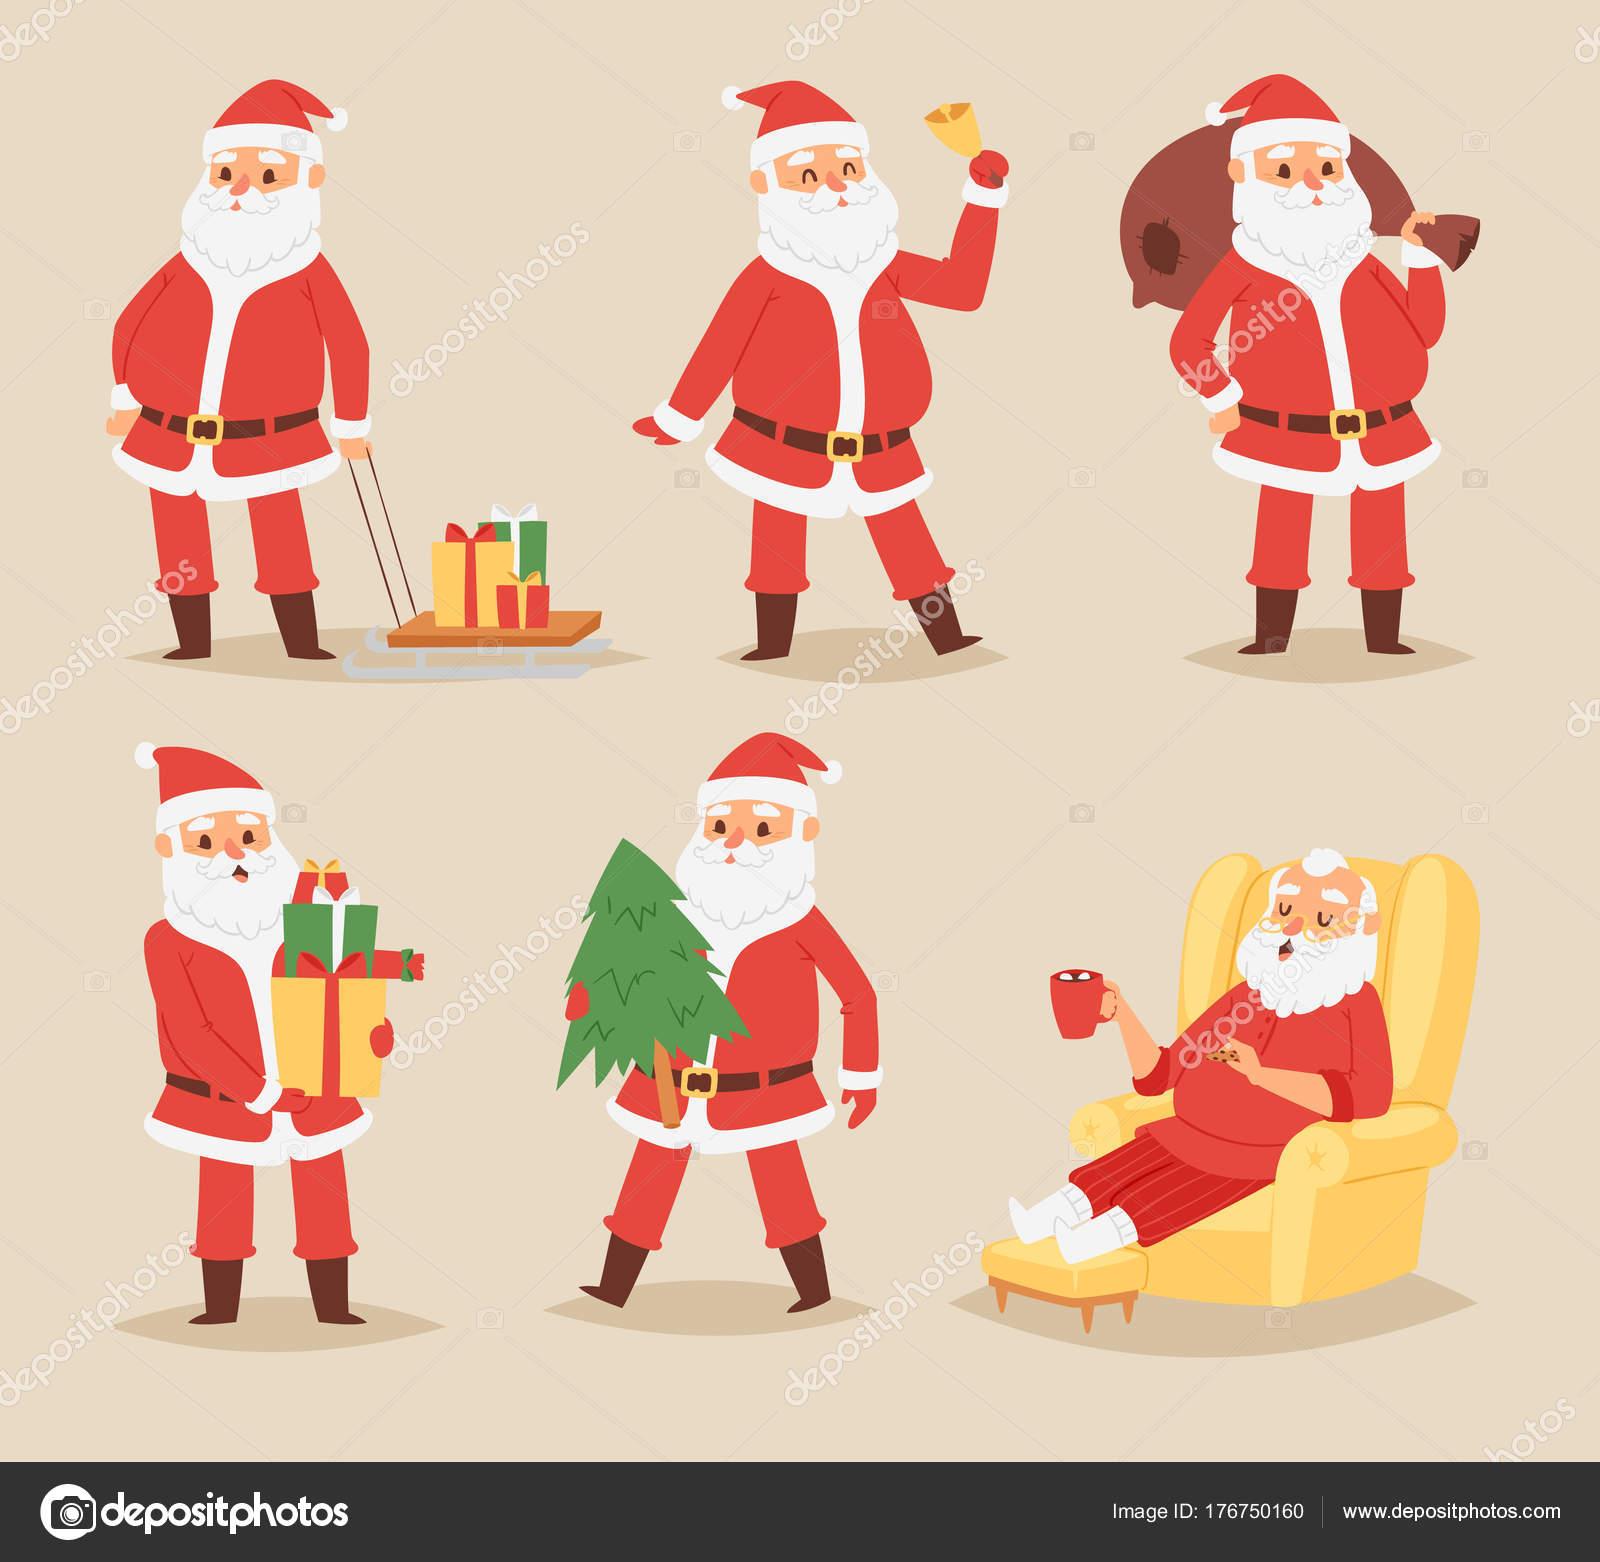 Weihnachten Weihnachtsmann Vektor Charakter stellt Abbildung Xmas ...